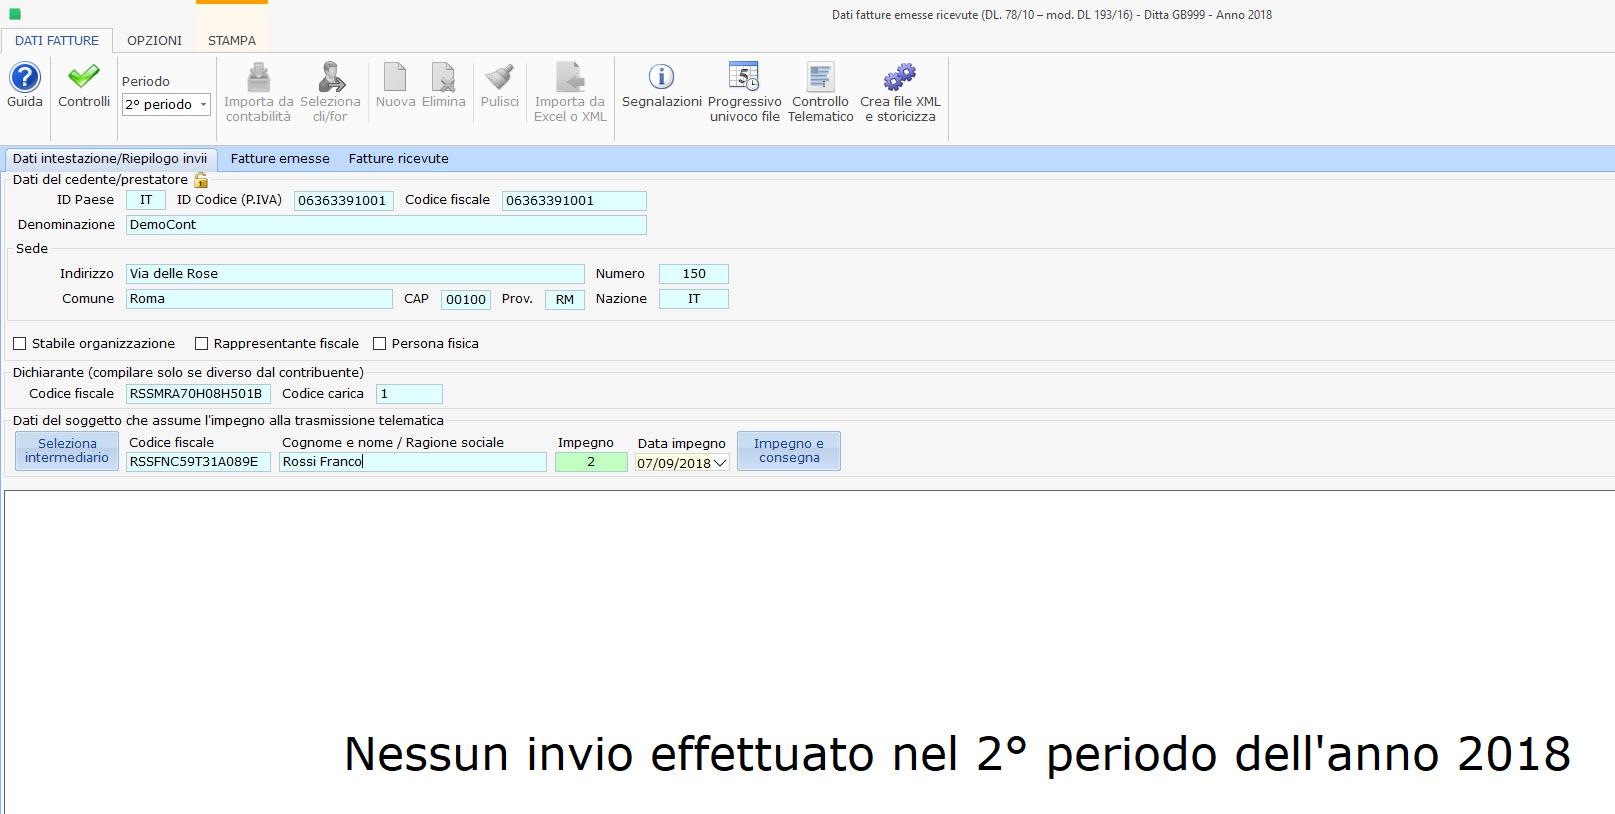 Dati Fatture 2018 (Nuovo Spesometro): calendario scadenze per l'invio - 2